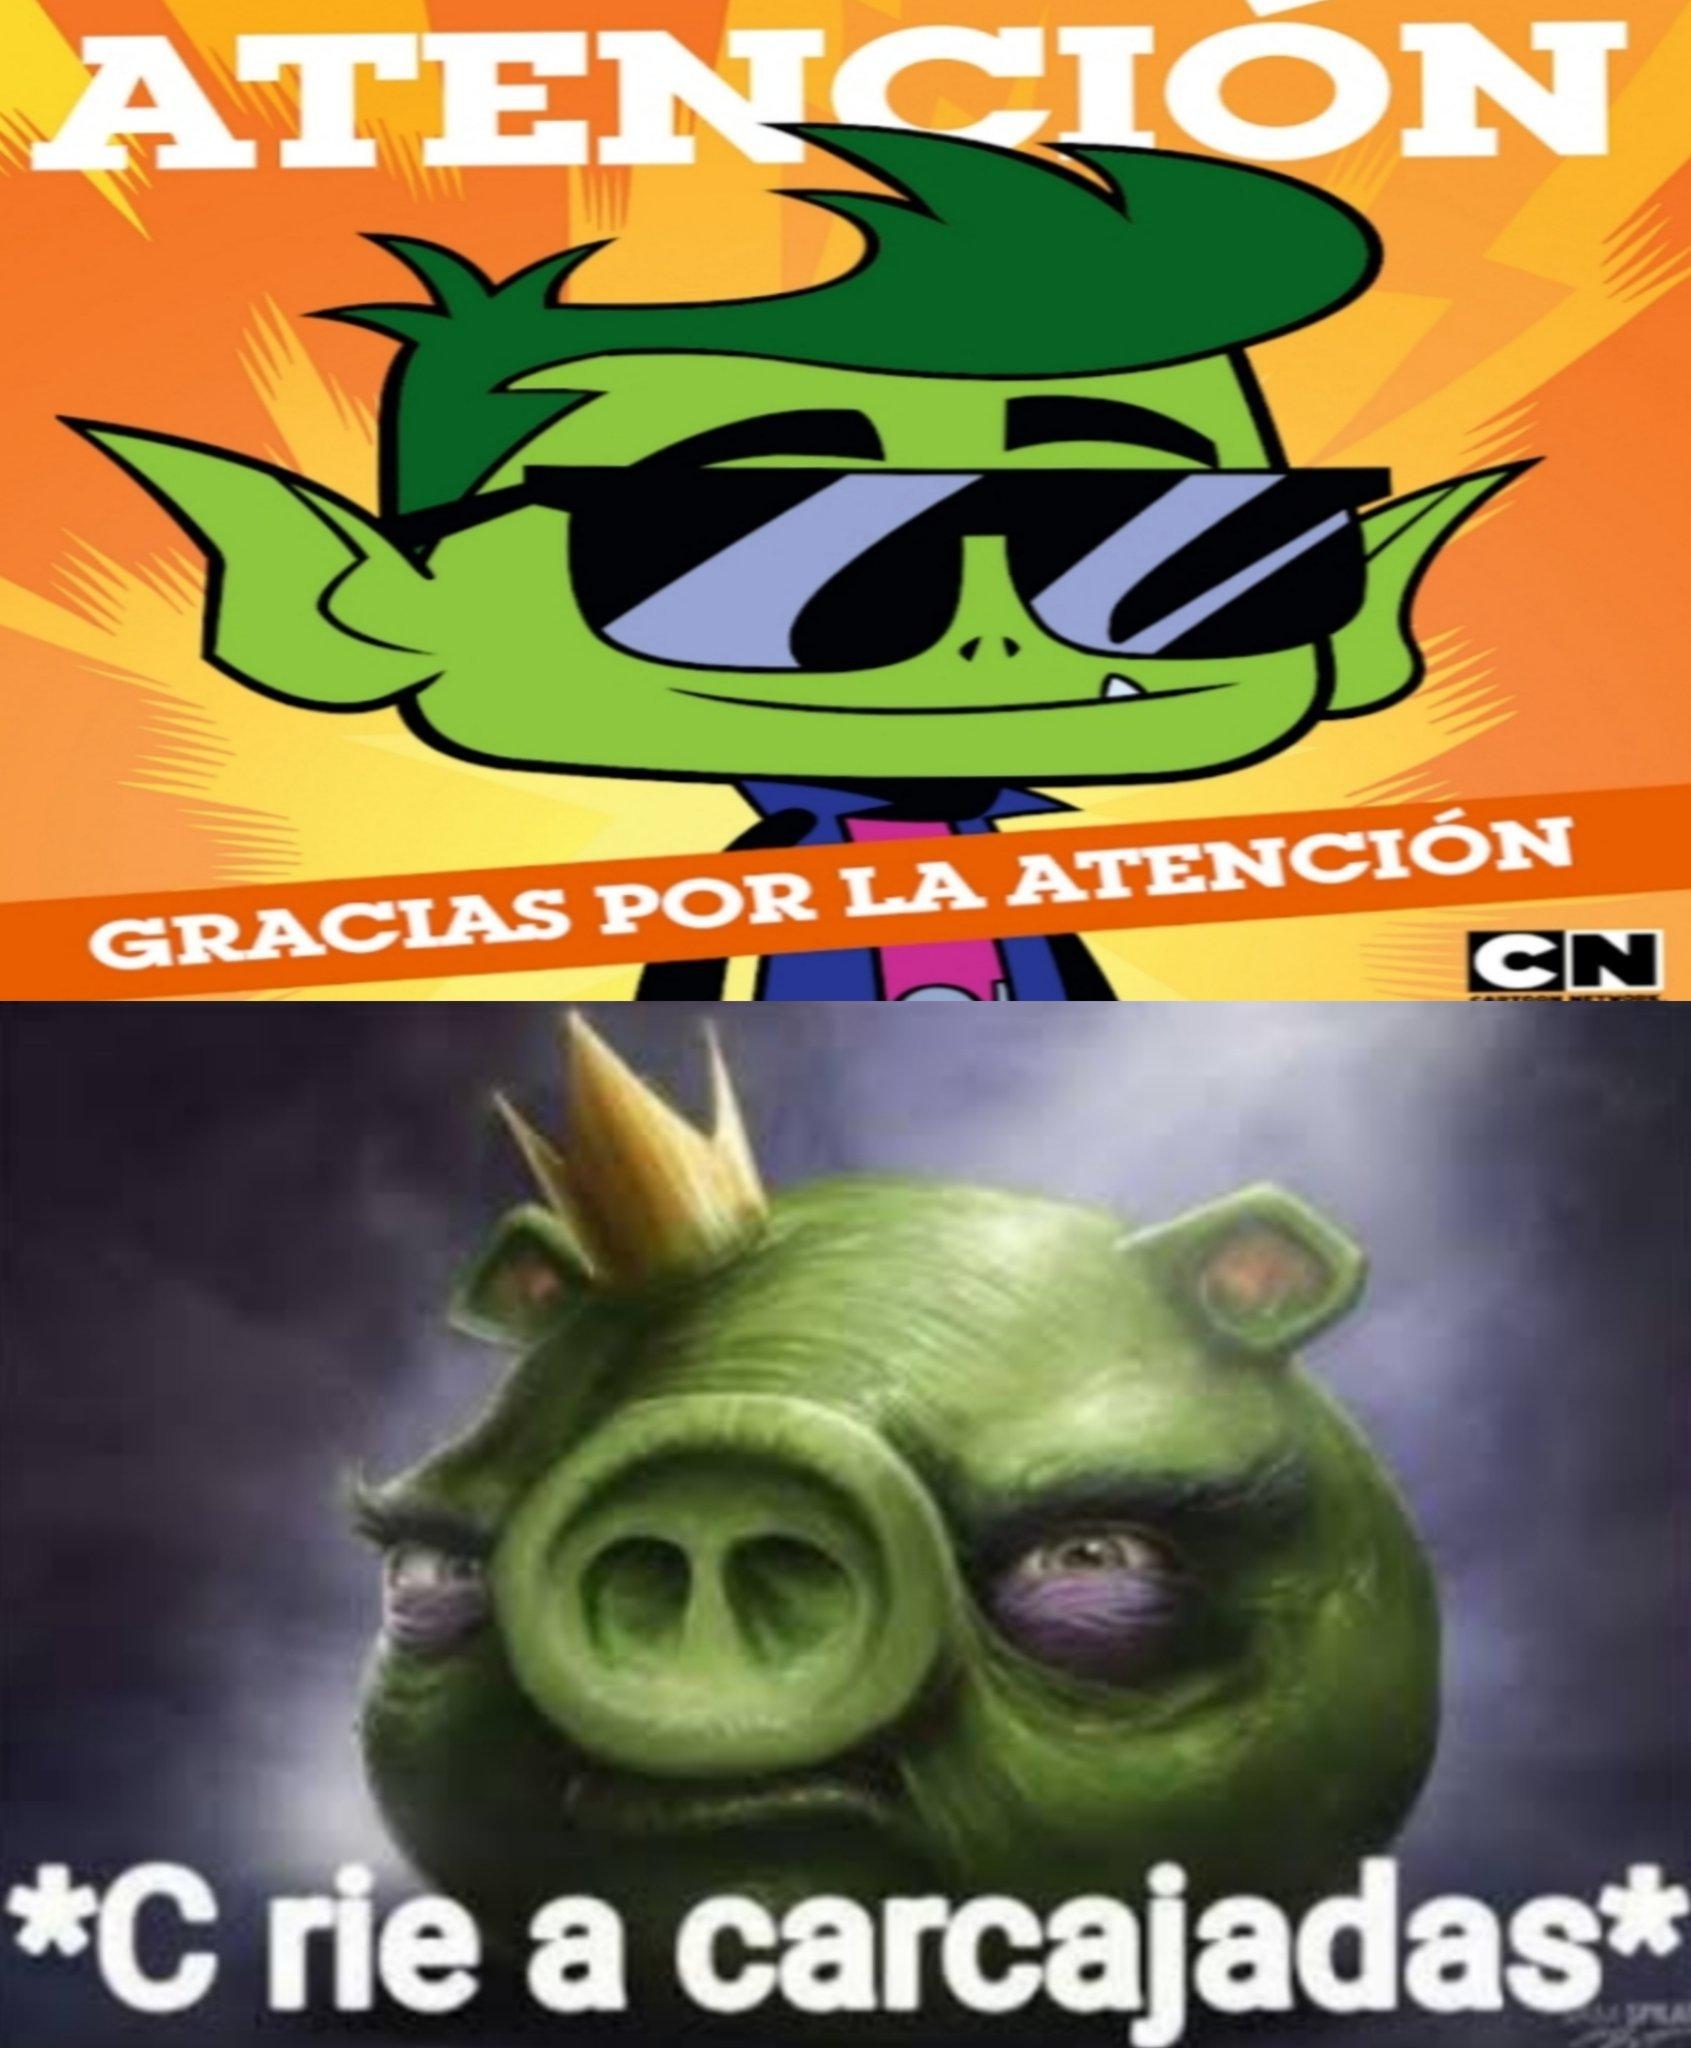 Cartoon network no le sabe al chis pop - meme